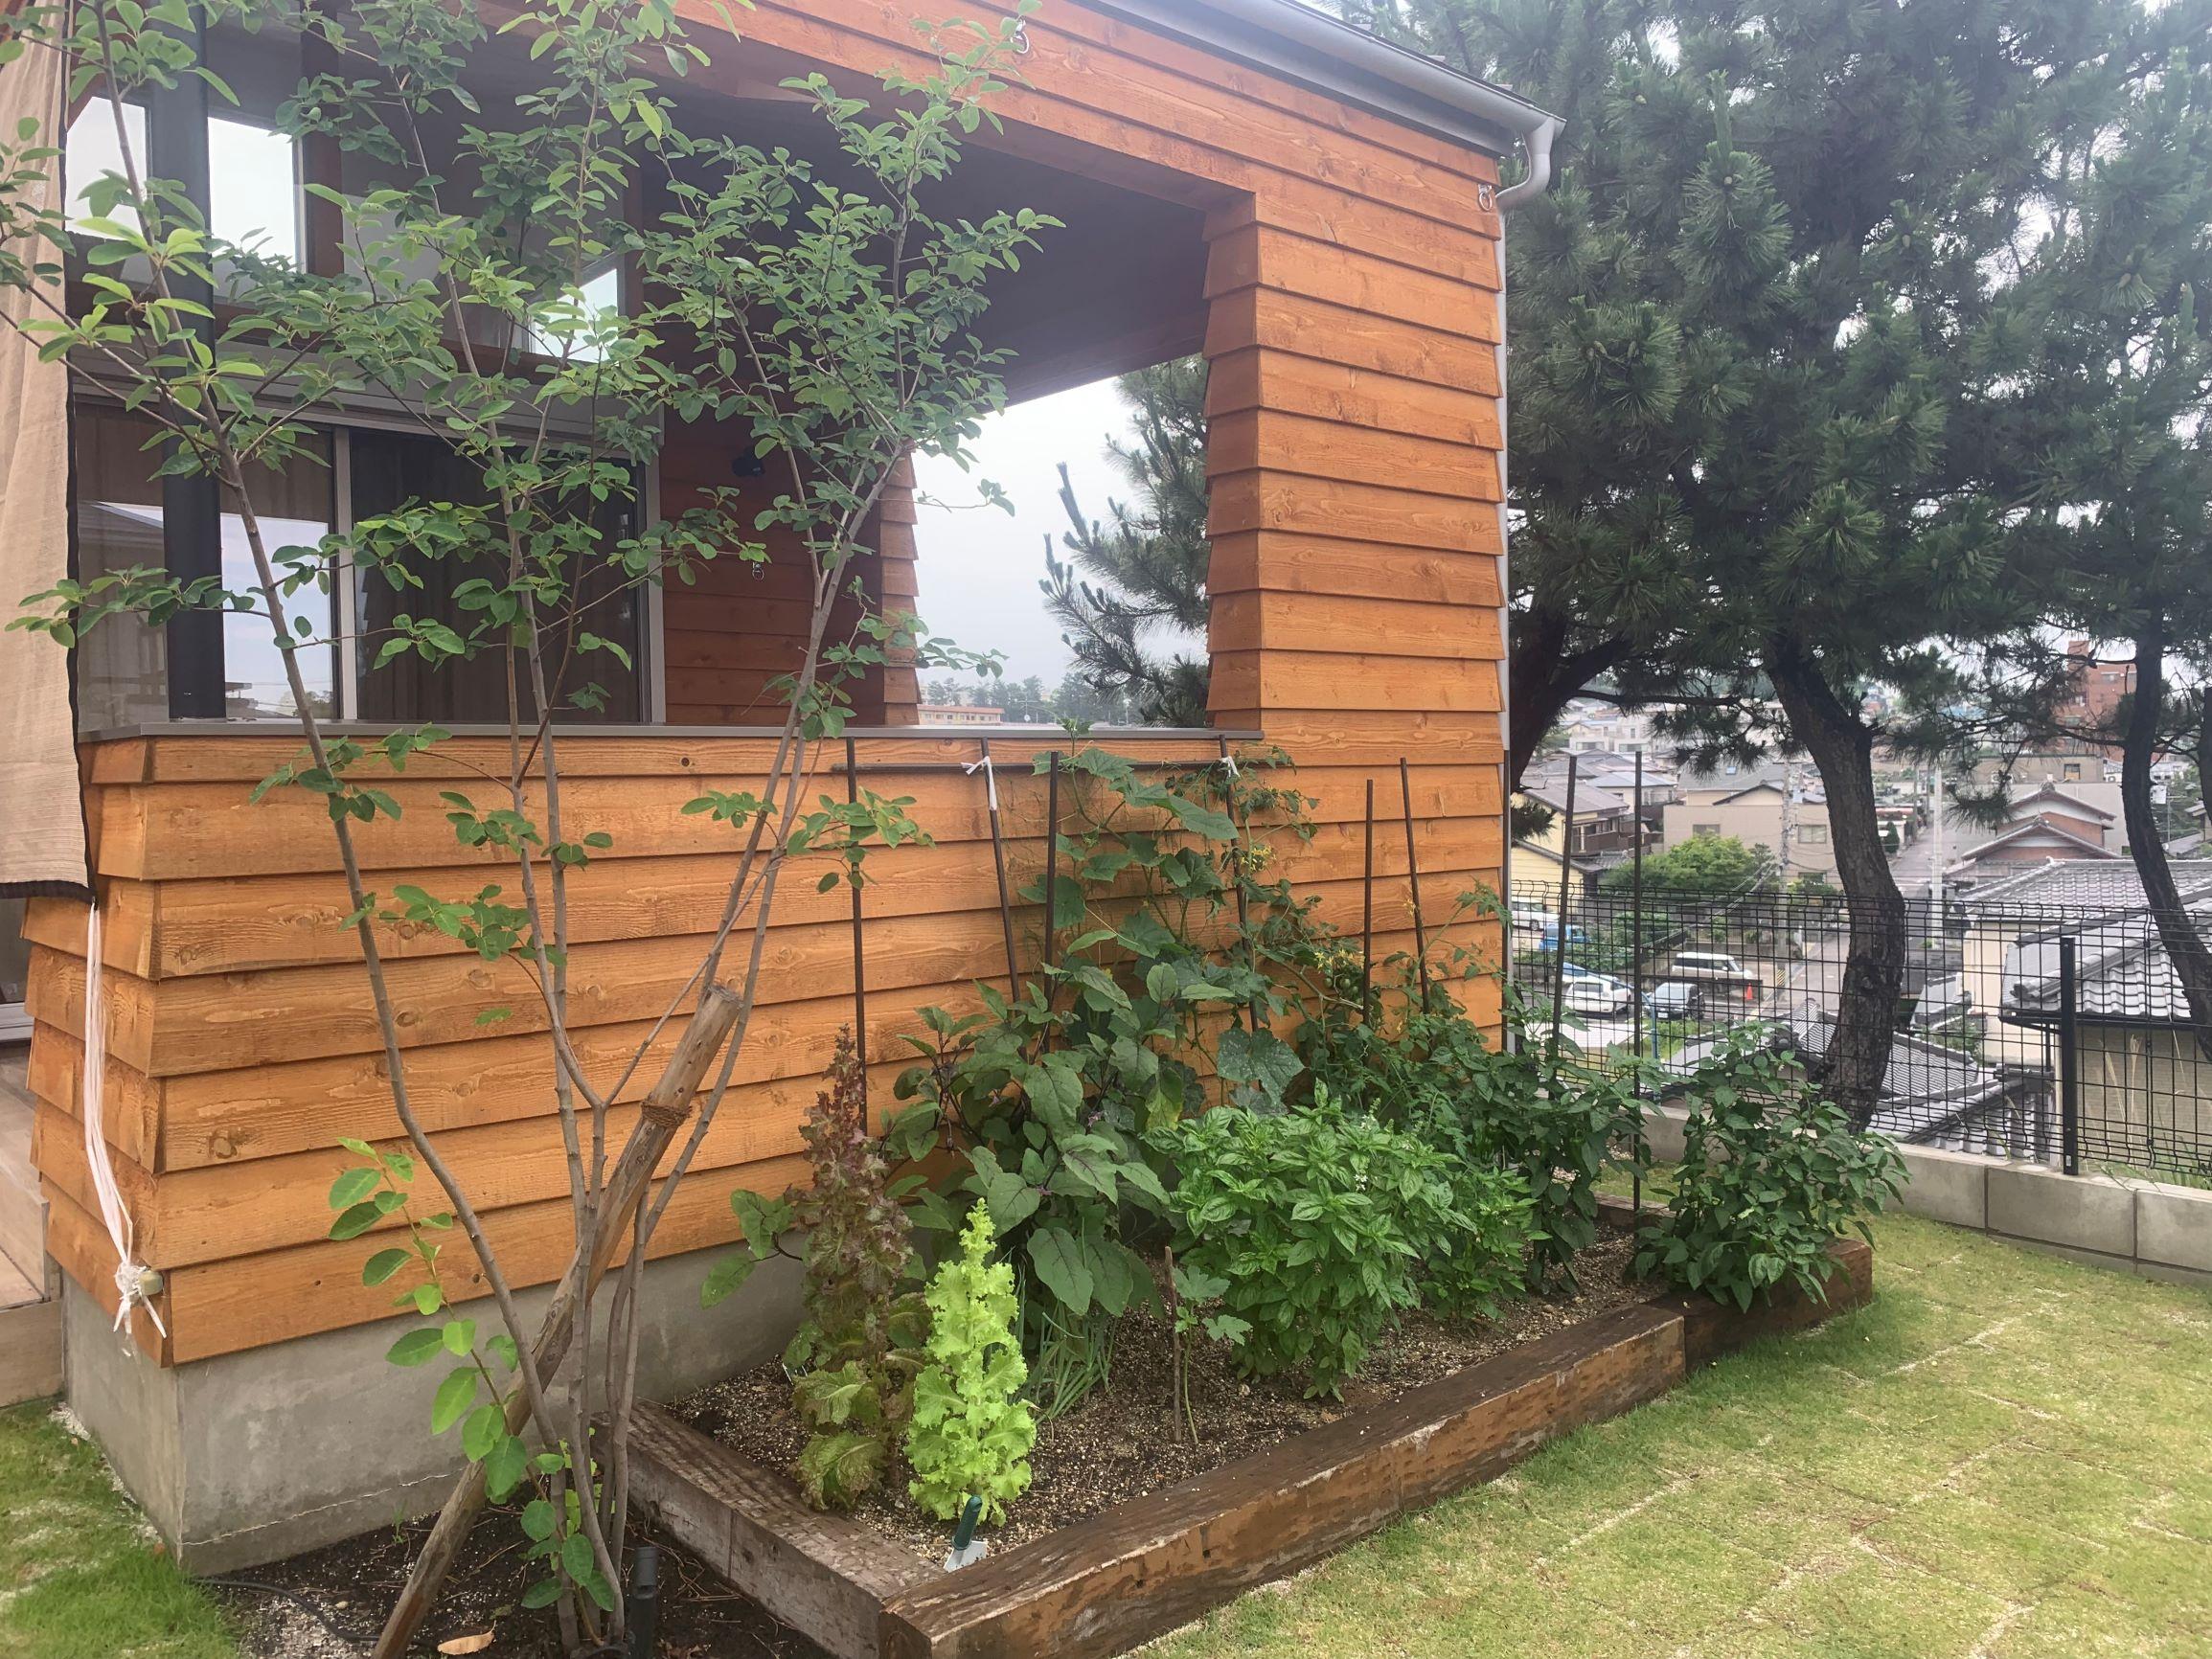 岡崎枕木菜園芝生の庭。ベジタブルガーデン・菜園を楽しむ。のイメージ